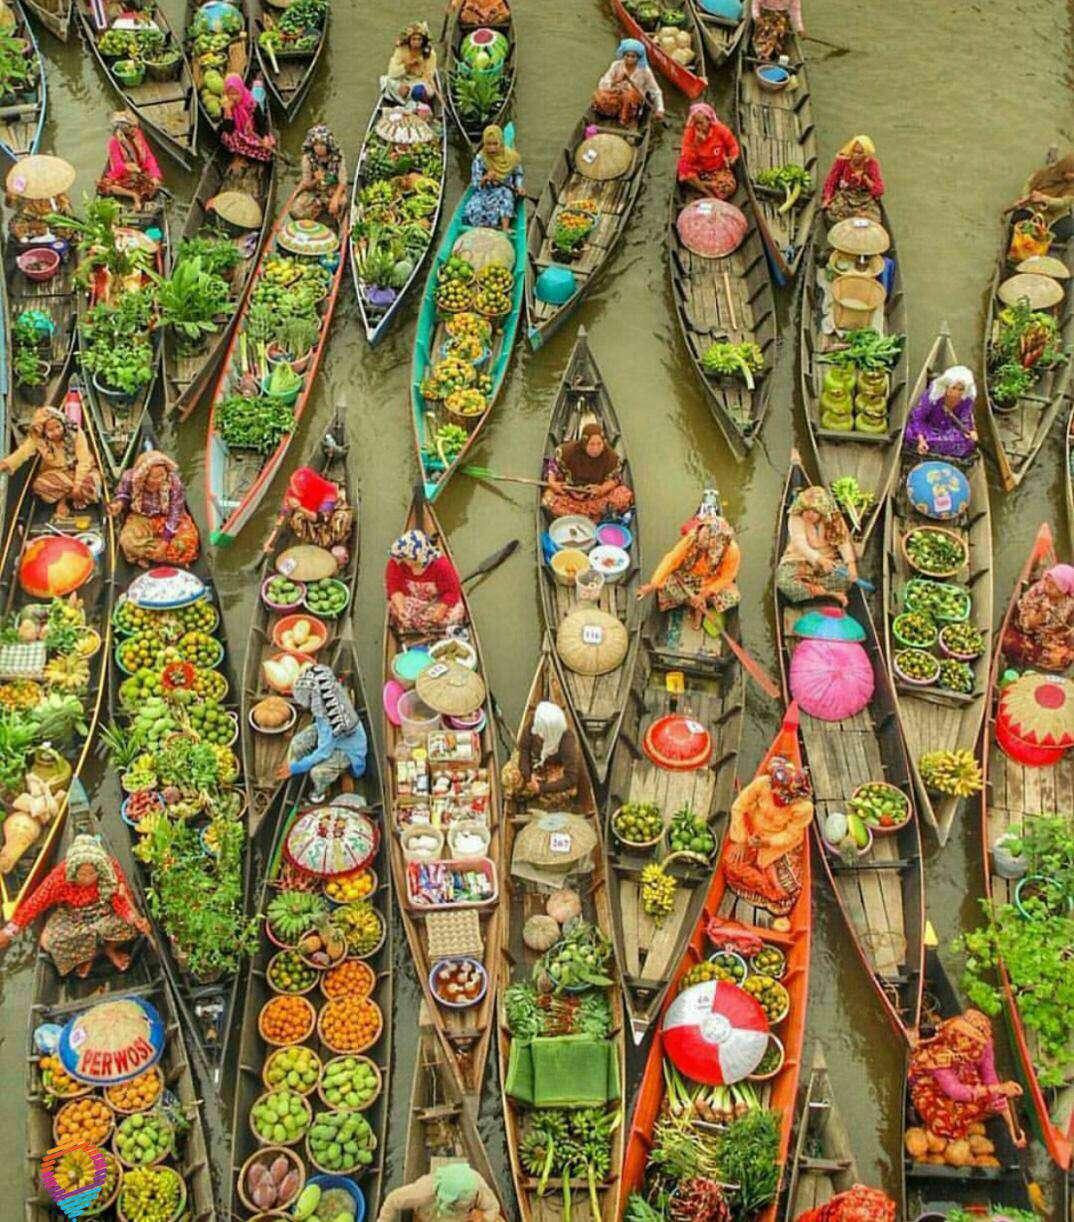 بازارهاي فروش ميوه هاي محلي در قايق و رودخانه در کشورهای آسیای جنوب شرقی